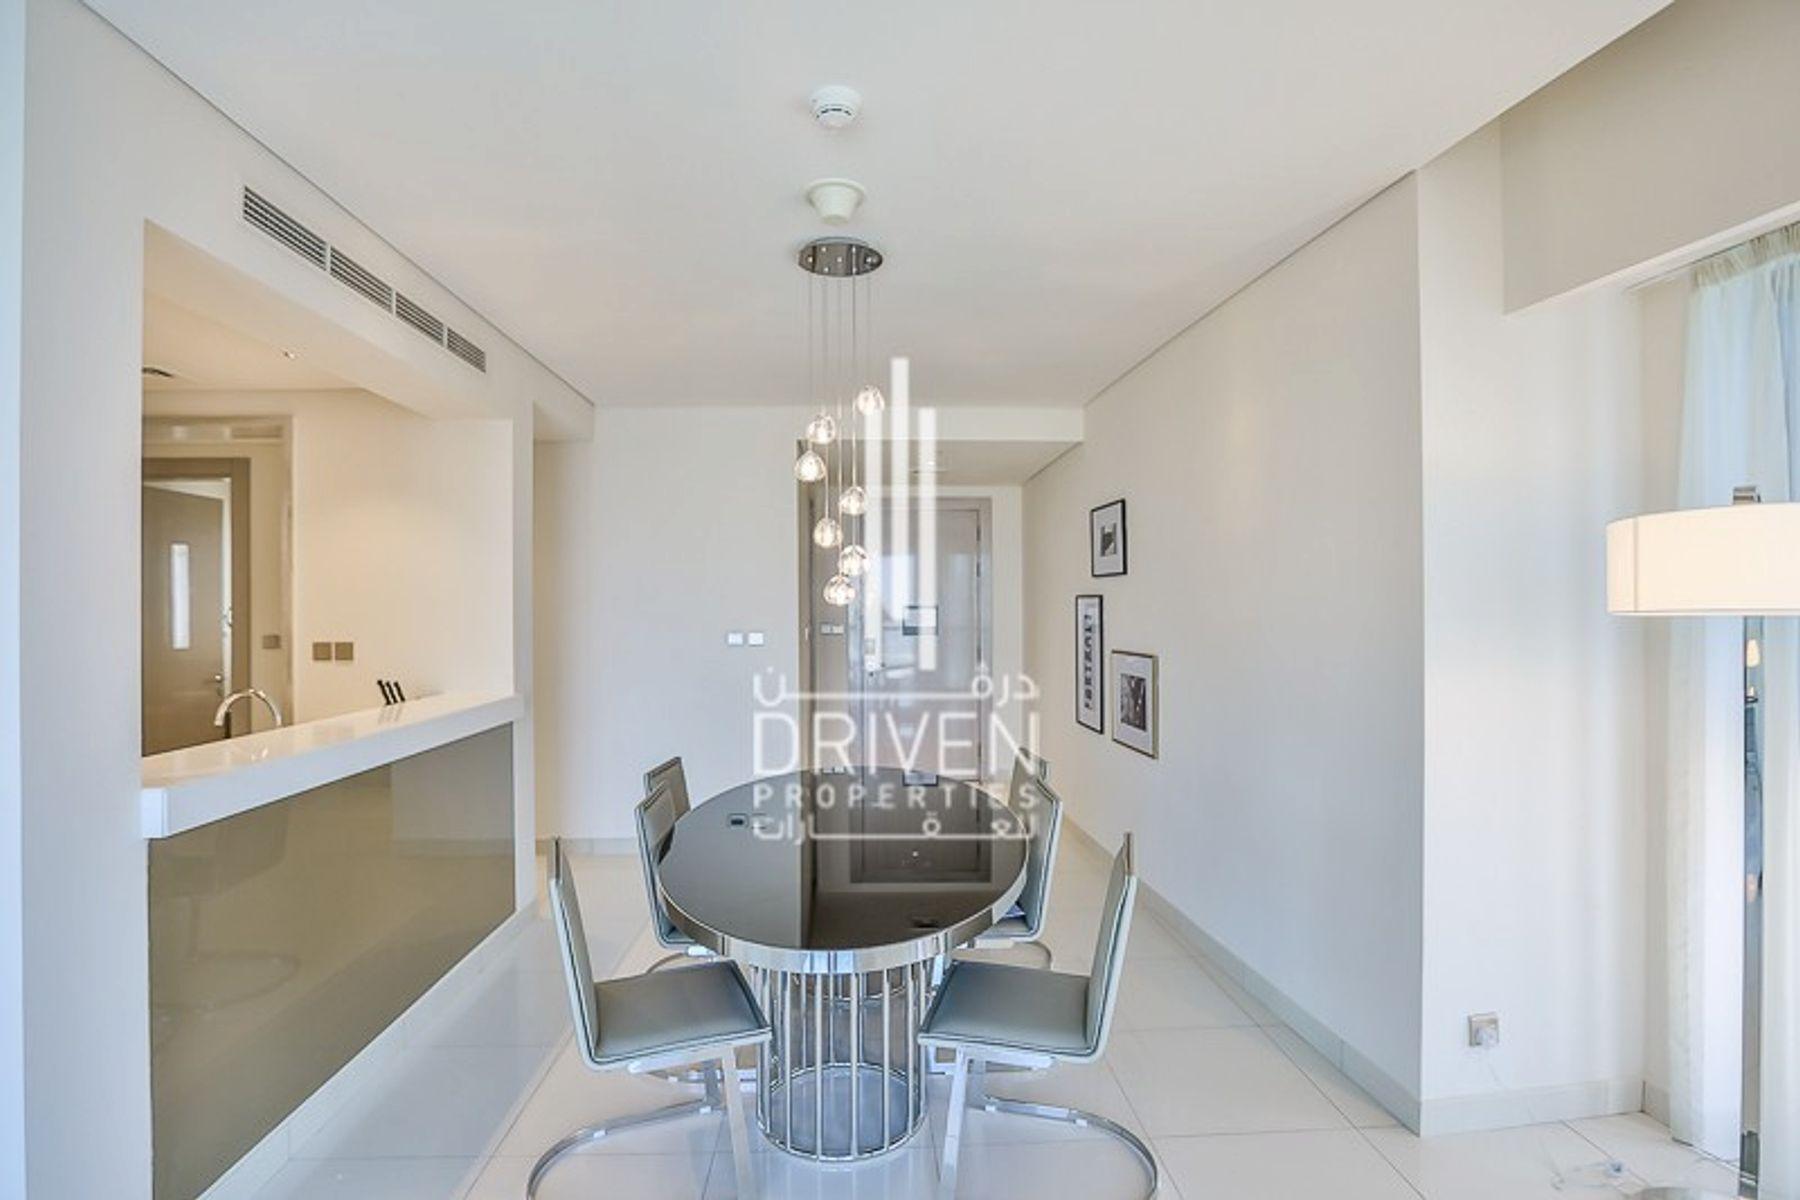 للبيع - شقة - D برج - الخليج التجاري